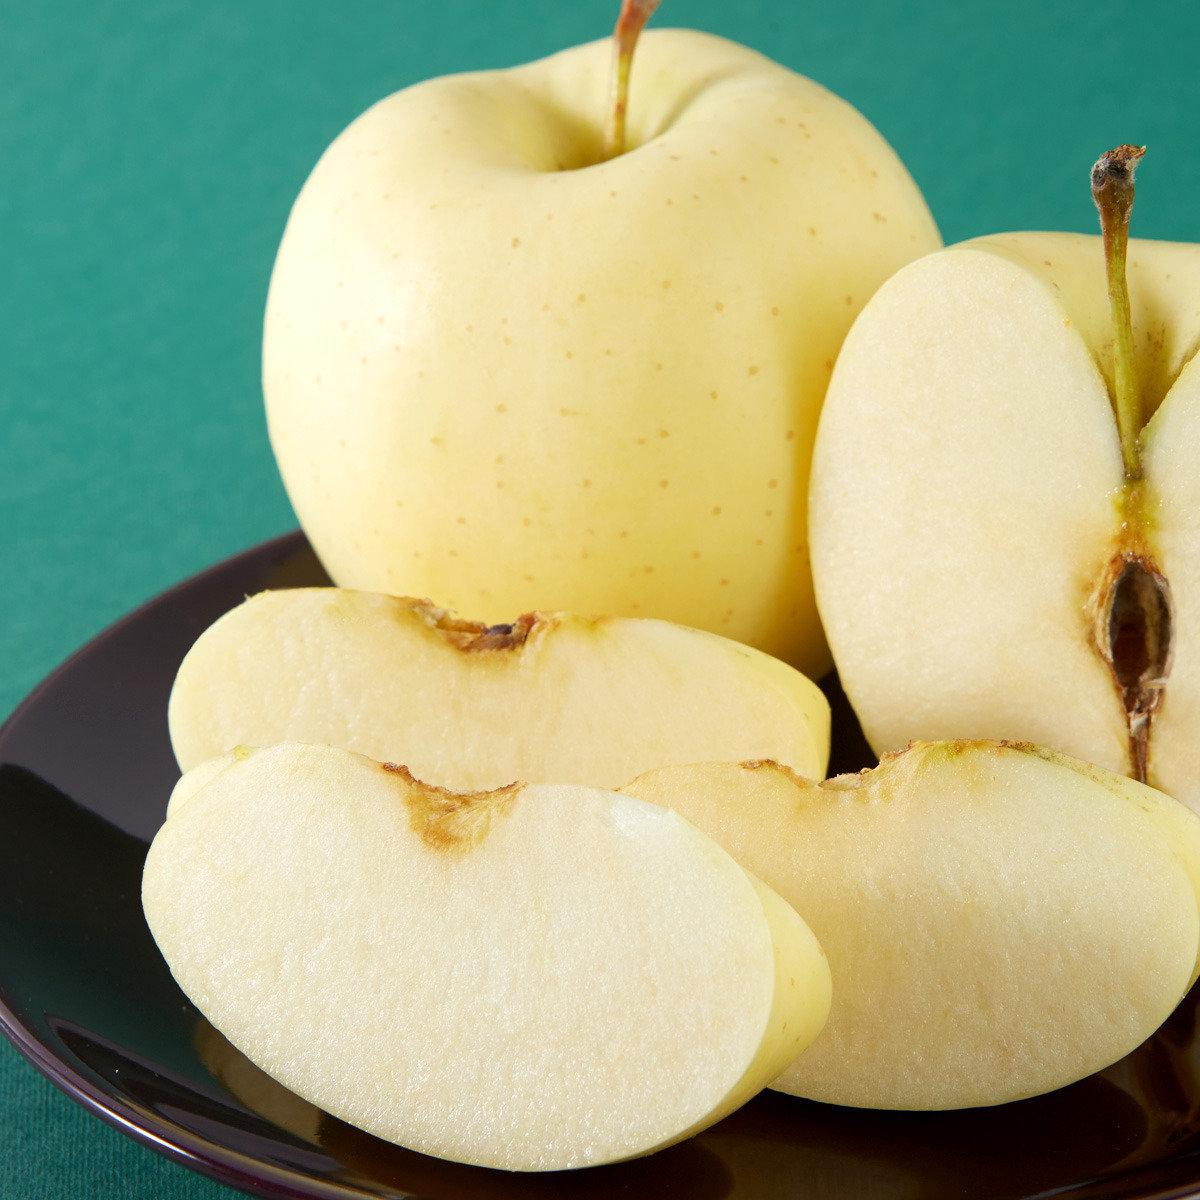 金星蘋果 (2個/ 約500-600克)